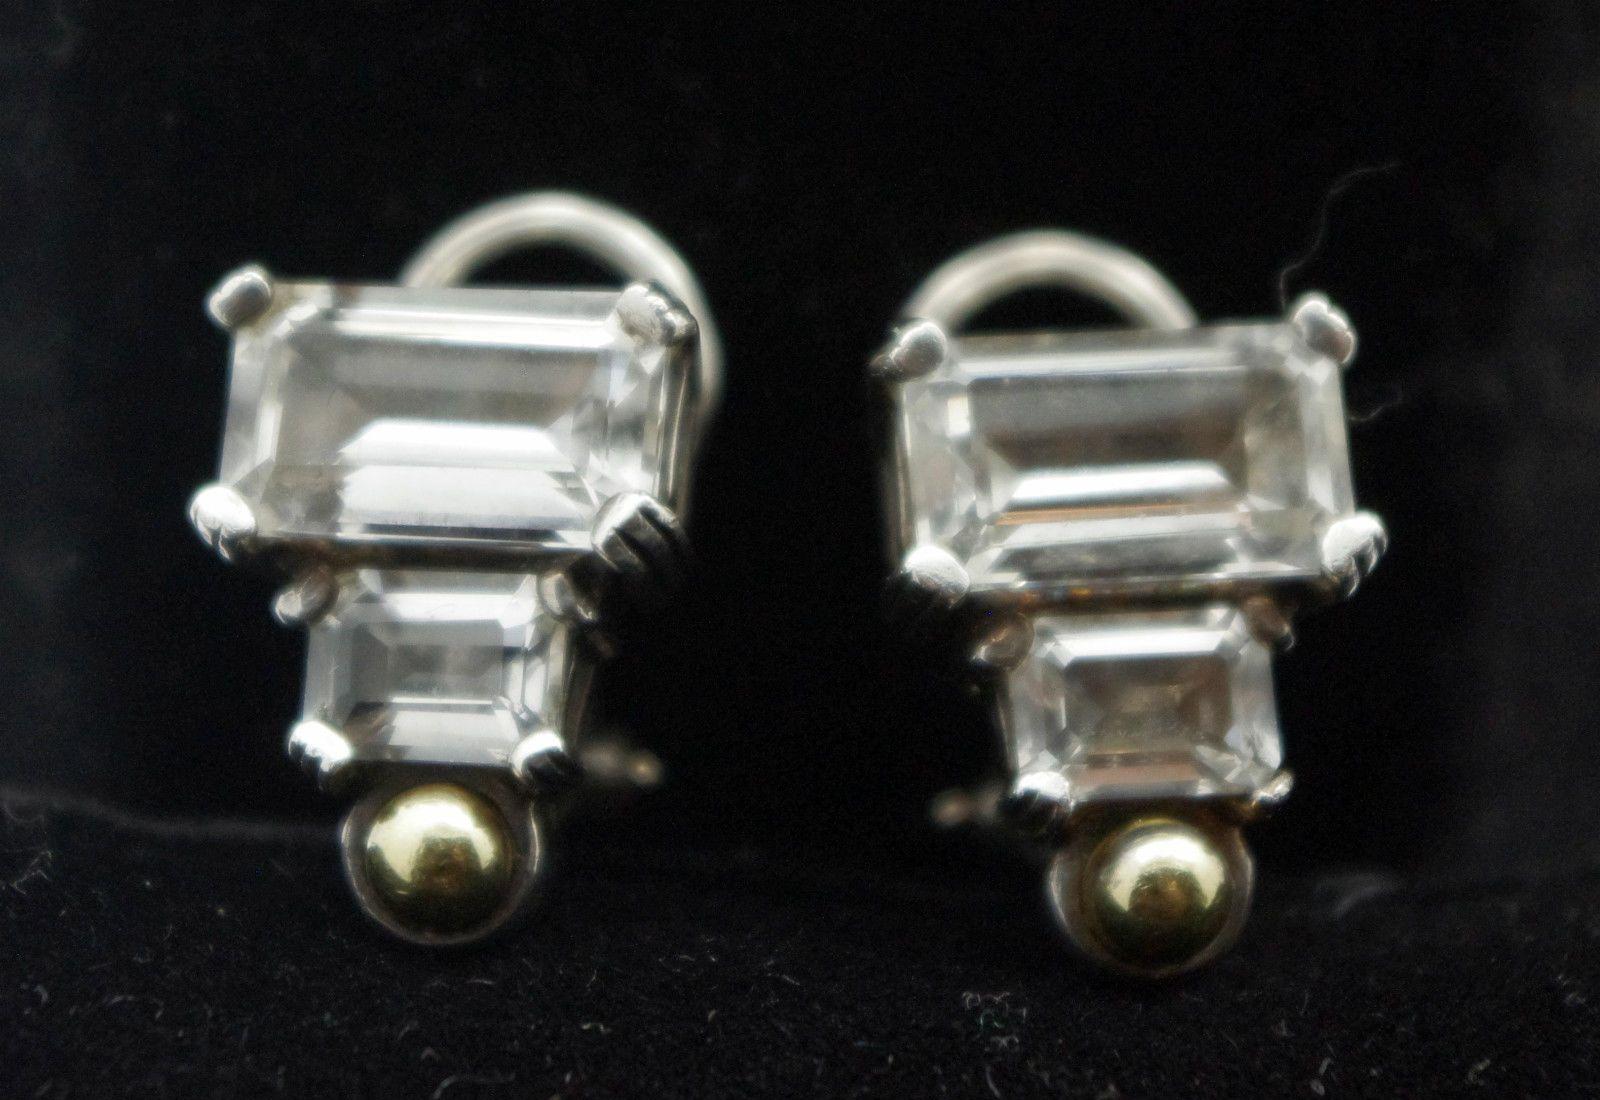 275 Lagos Glacier White Topaz Earrings Huggie Omega Back 925 SS 750 18 K Gold | eBay